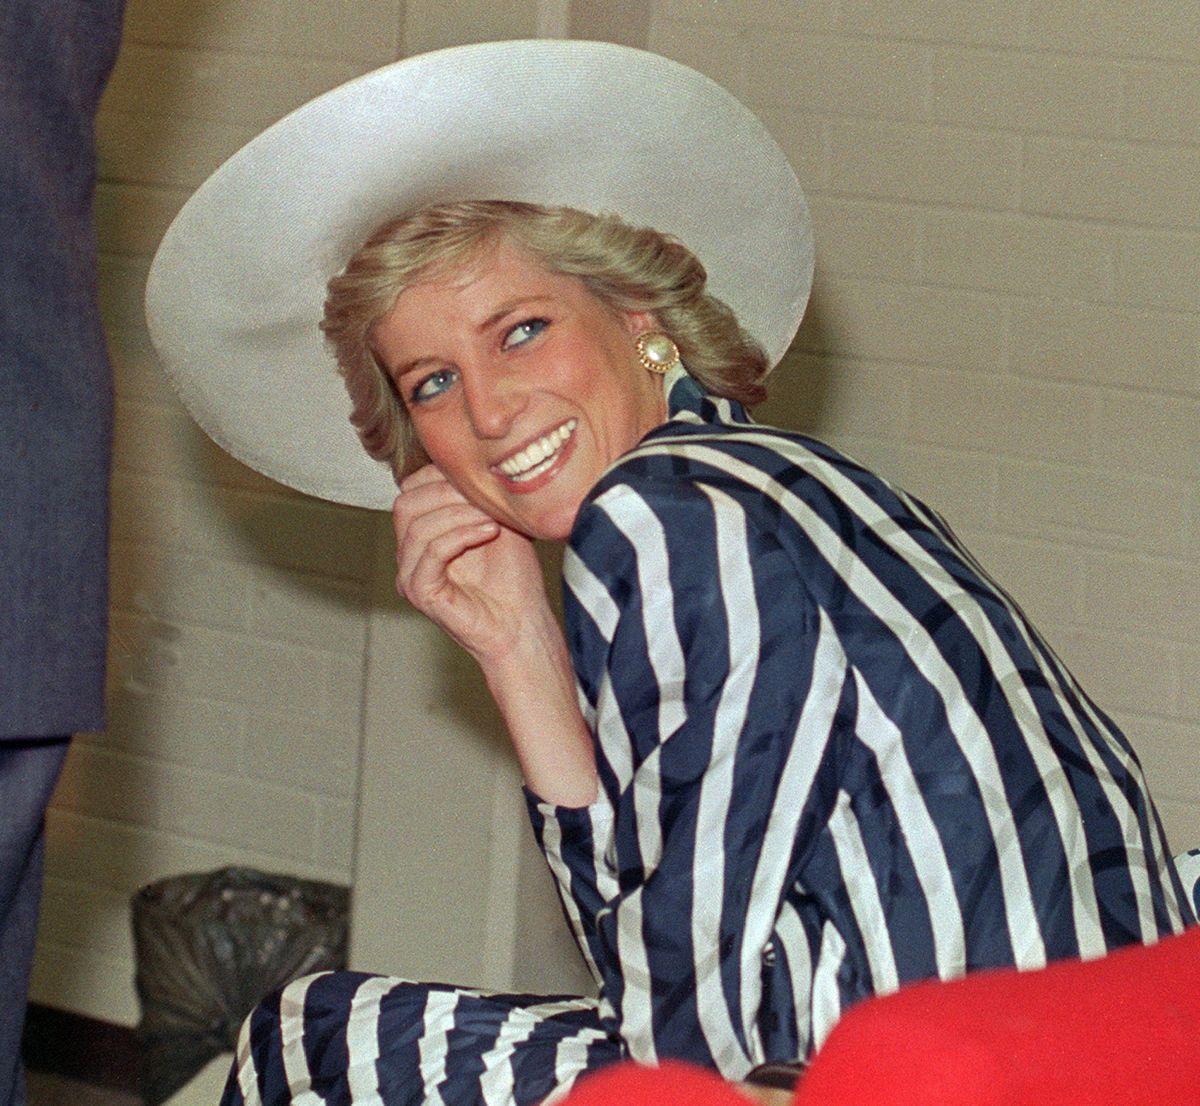 Diana, la princesa de Gales, era también conocida como Lady Di.